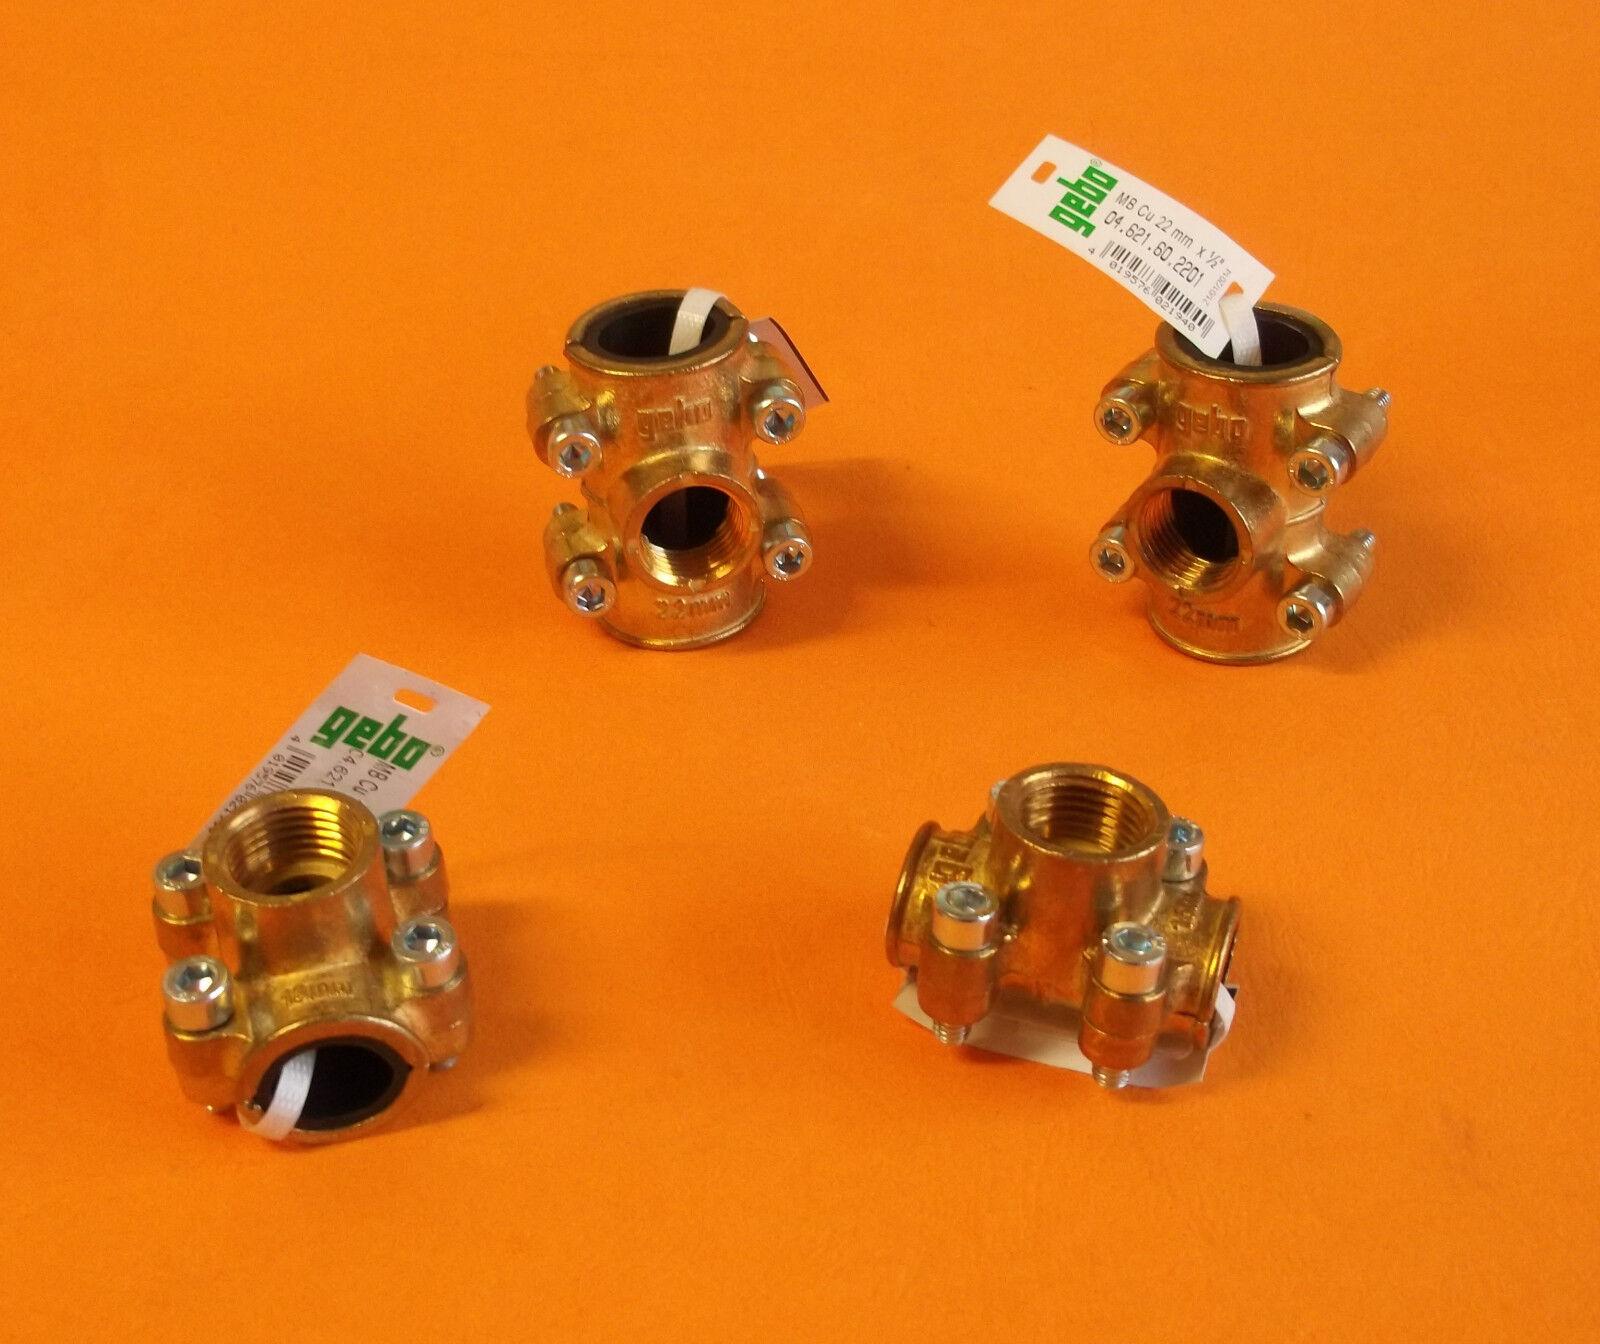 Gebo Rohrbruch Dichtschelle Typ ANB Anbohrschelle Messing Kupfer wählbare Größe